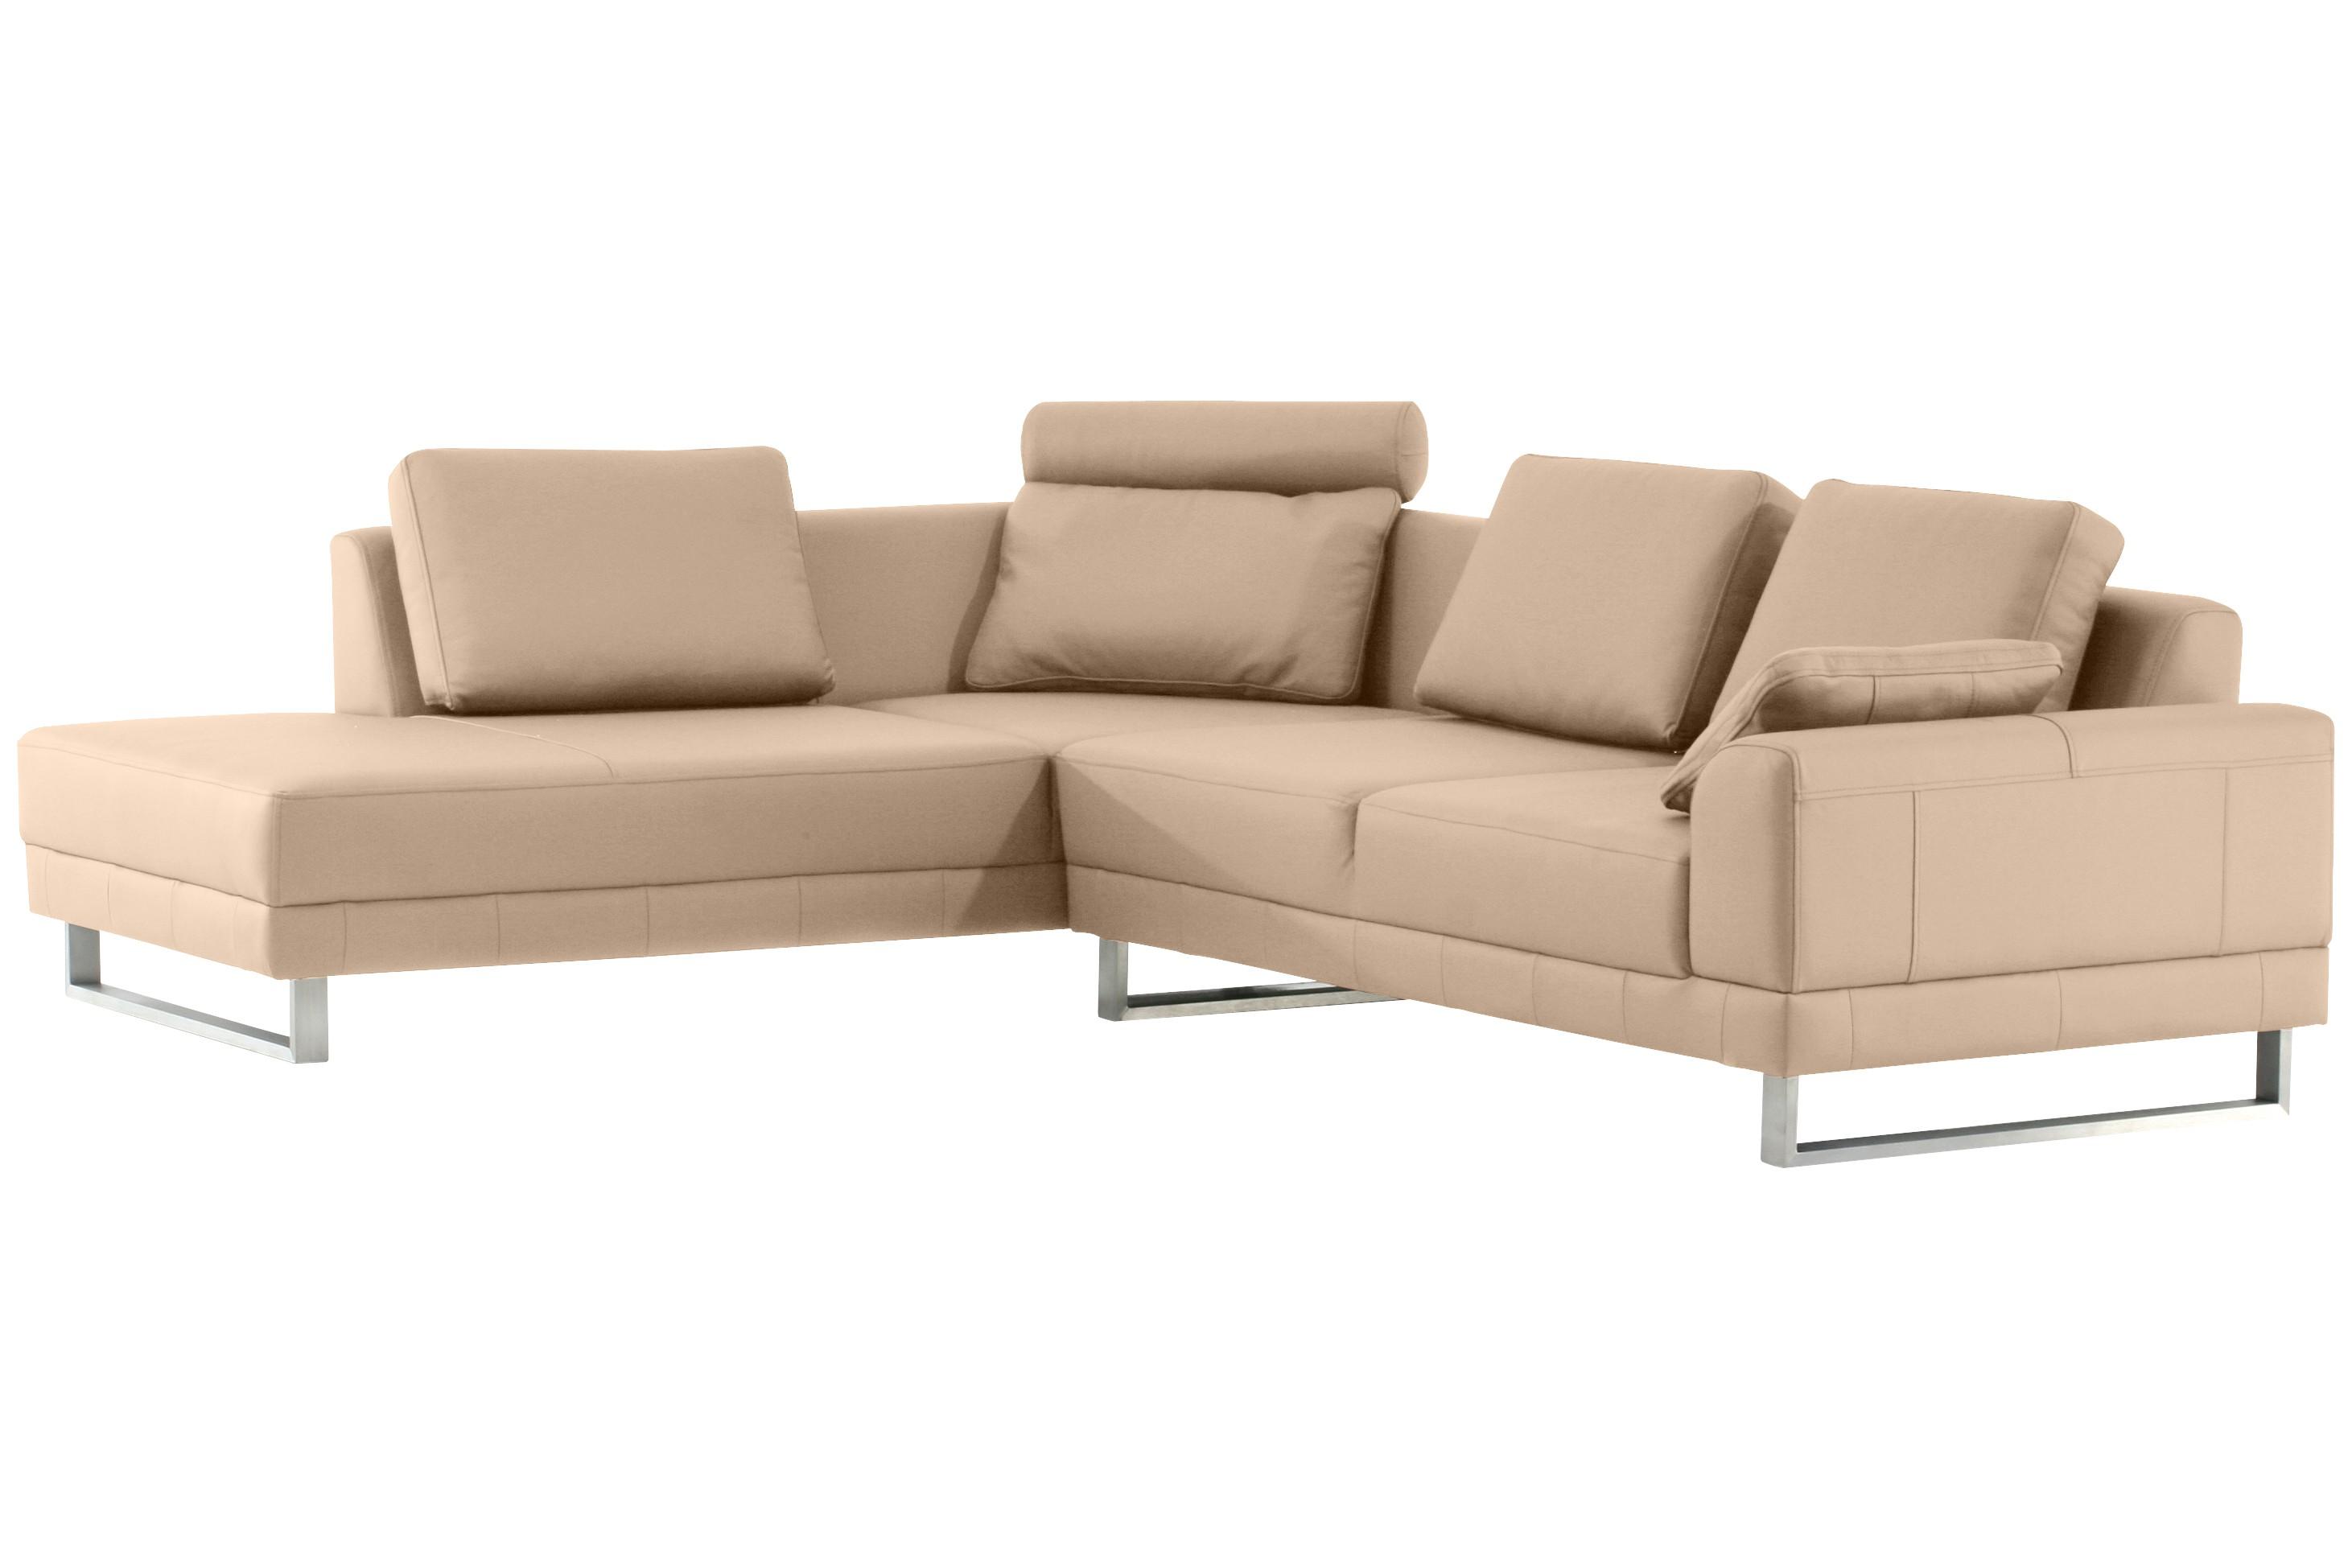 Leder Ecksofas Komfortabel ~ Haus Design und Möbel Ideen